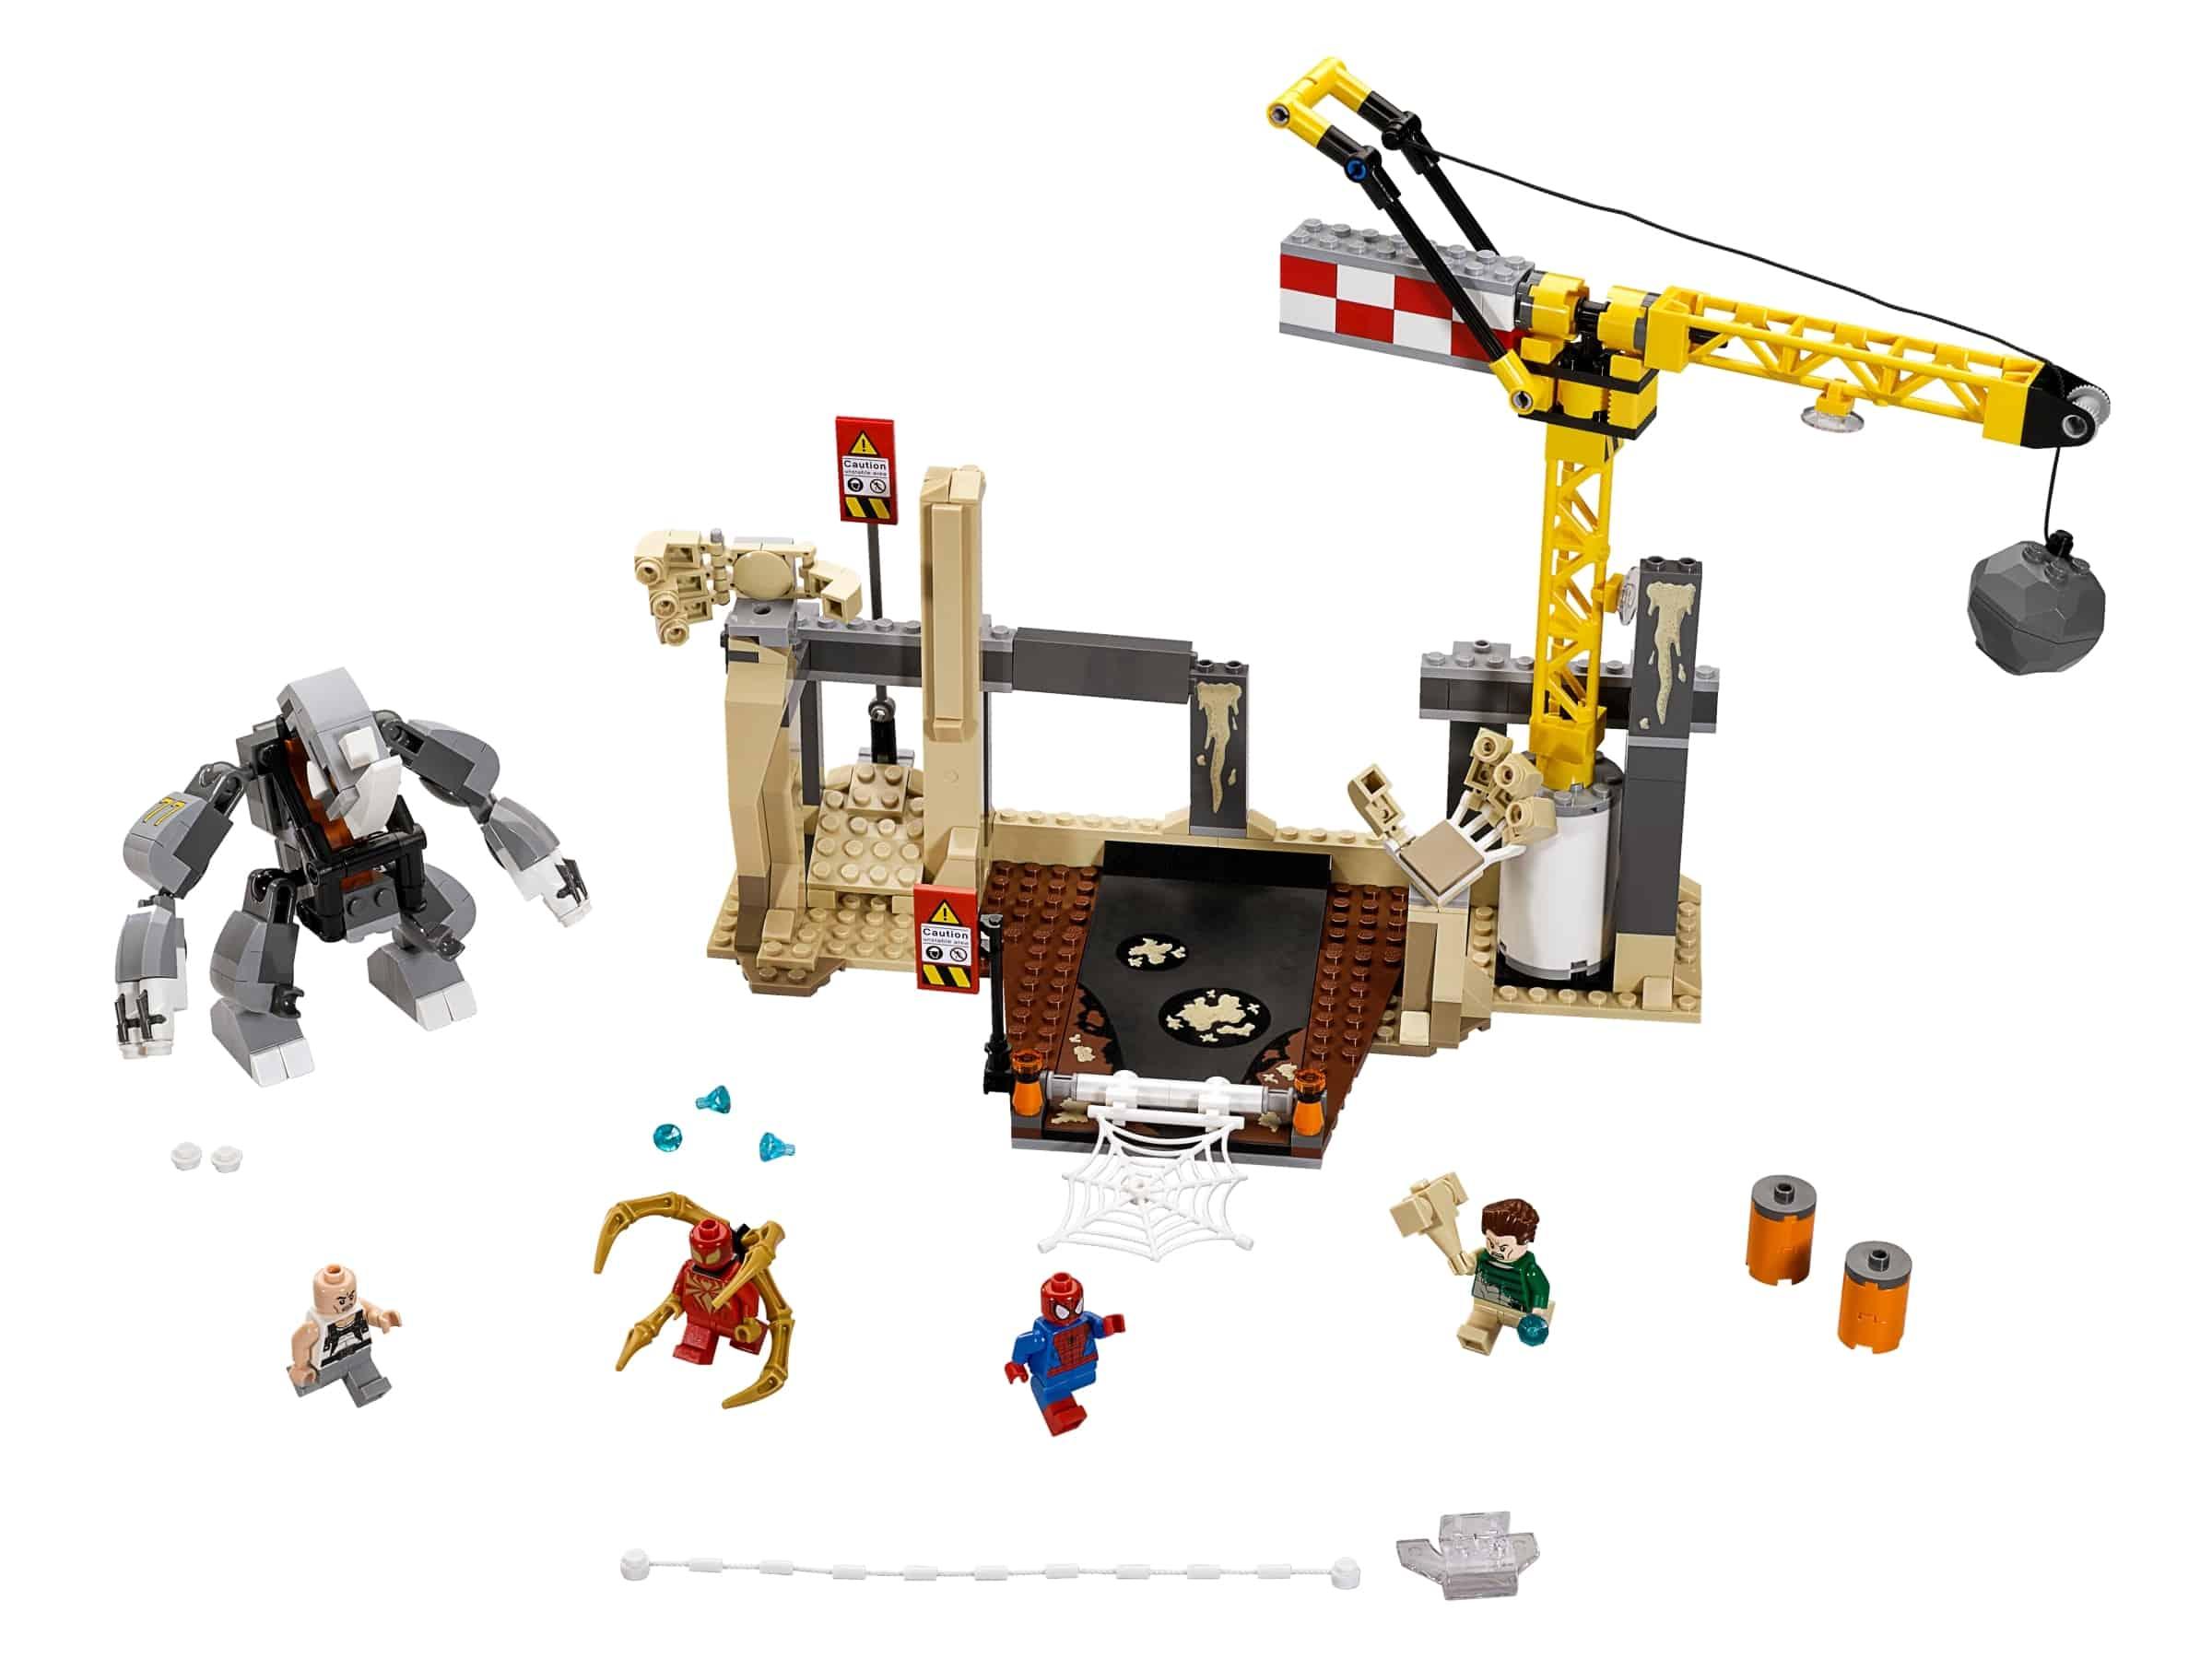 lego rhino en sandman superschurk samenwerking 76037